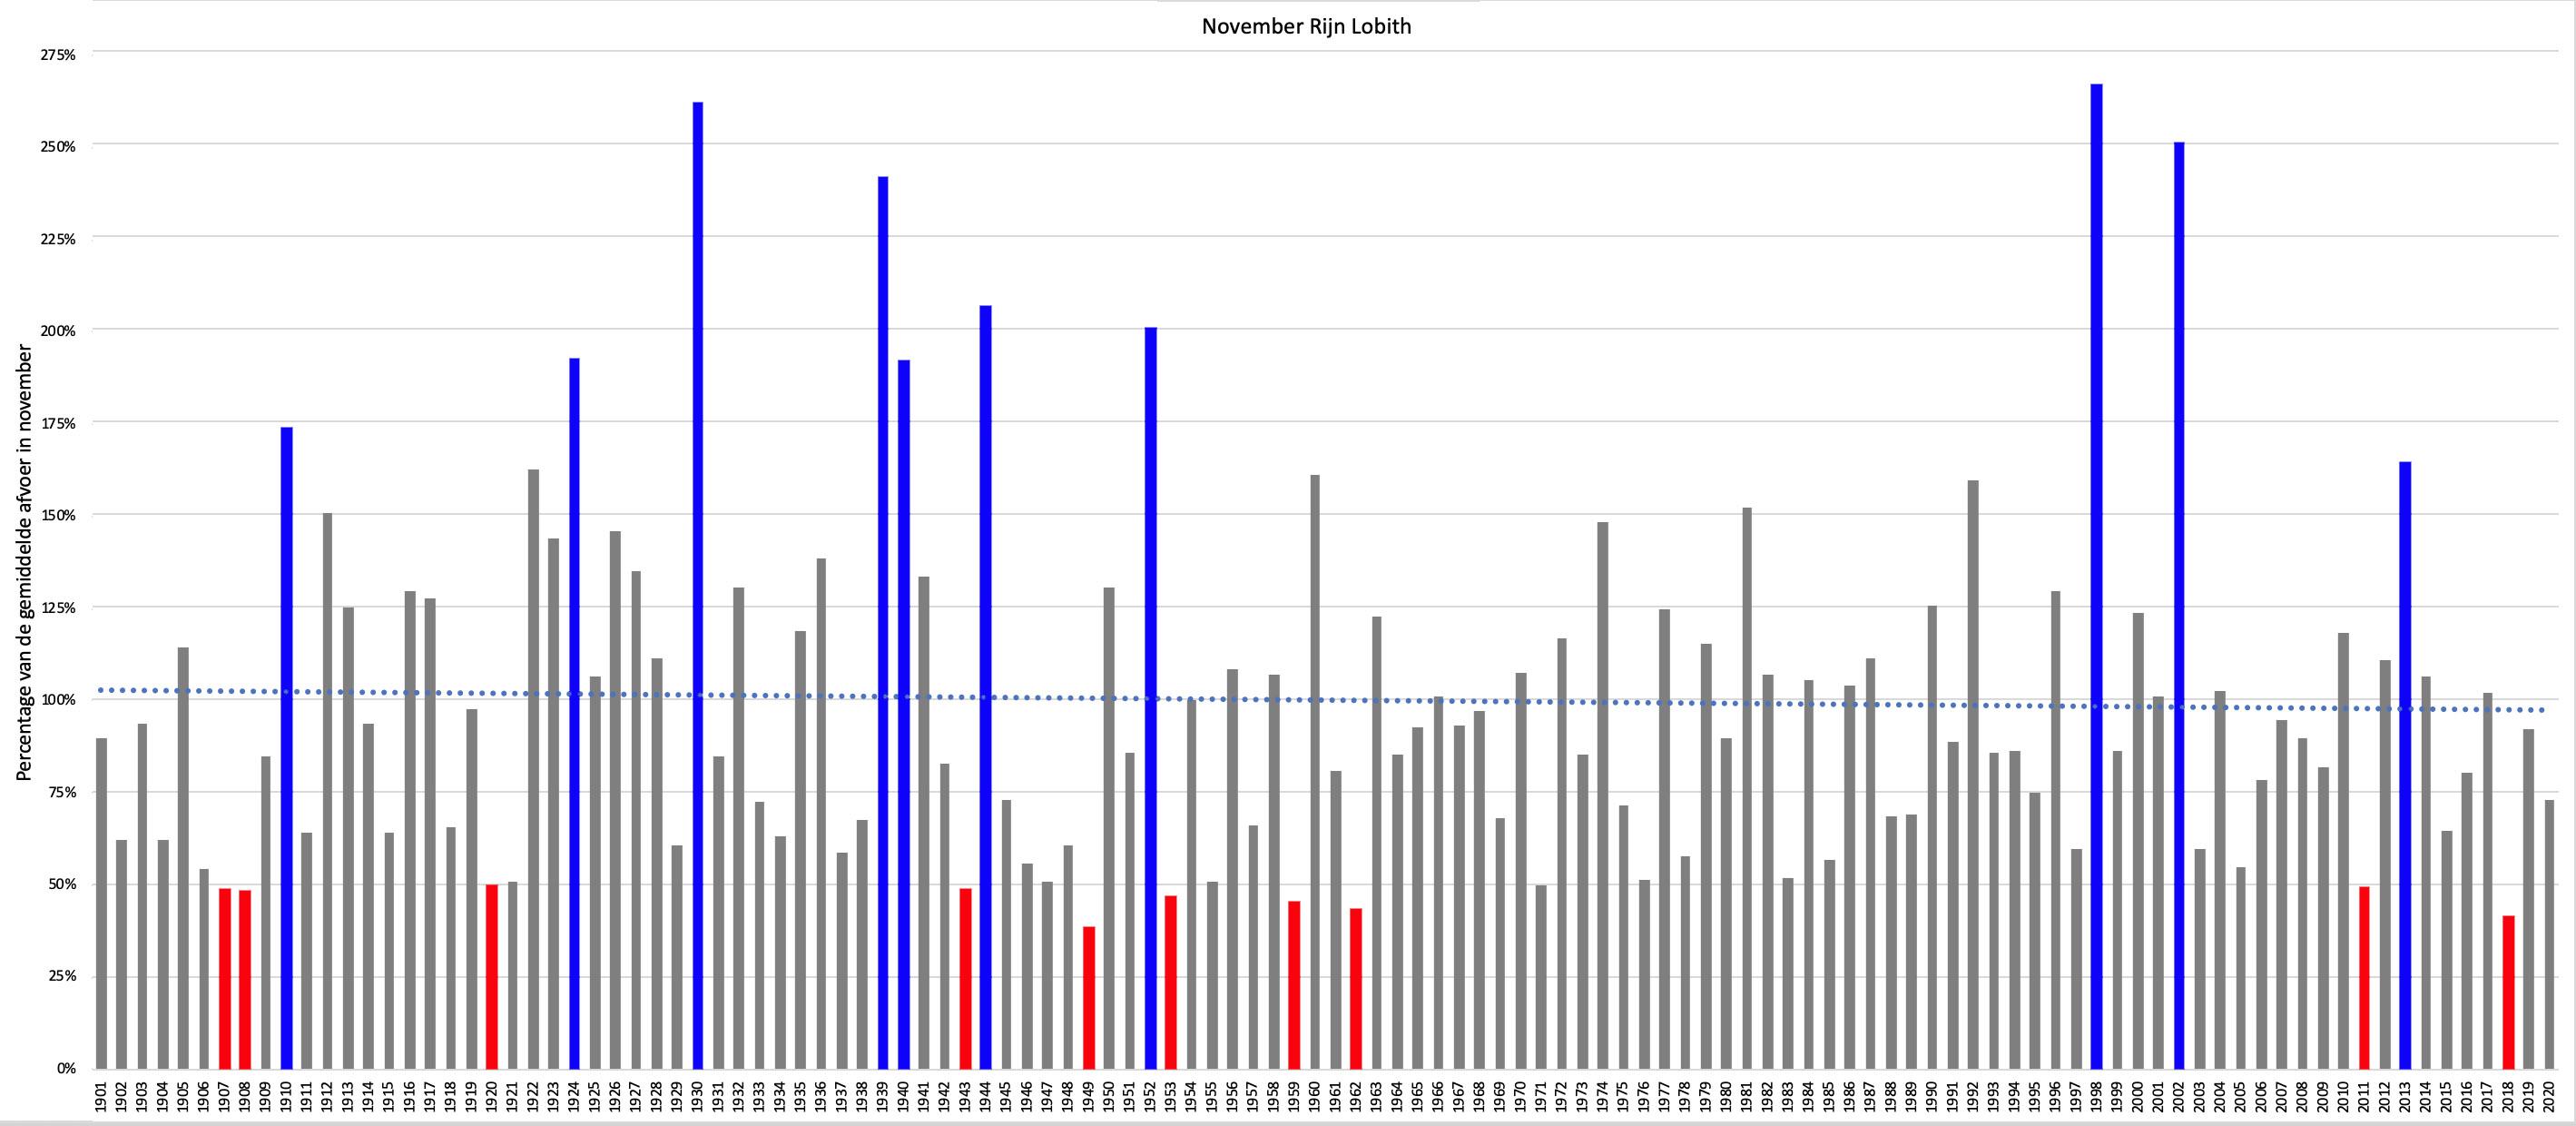 De kolommen geven voor ieder jaar het percentage weer tov de gemiddelde Rijnafvoer in november.  De 10 jaren met de laagste afvoer zijn rood gekleurd, de 10 jaren met de hoogste afvoer zijn blauw.